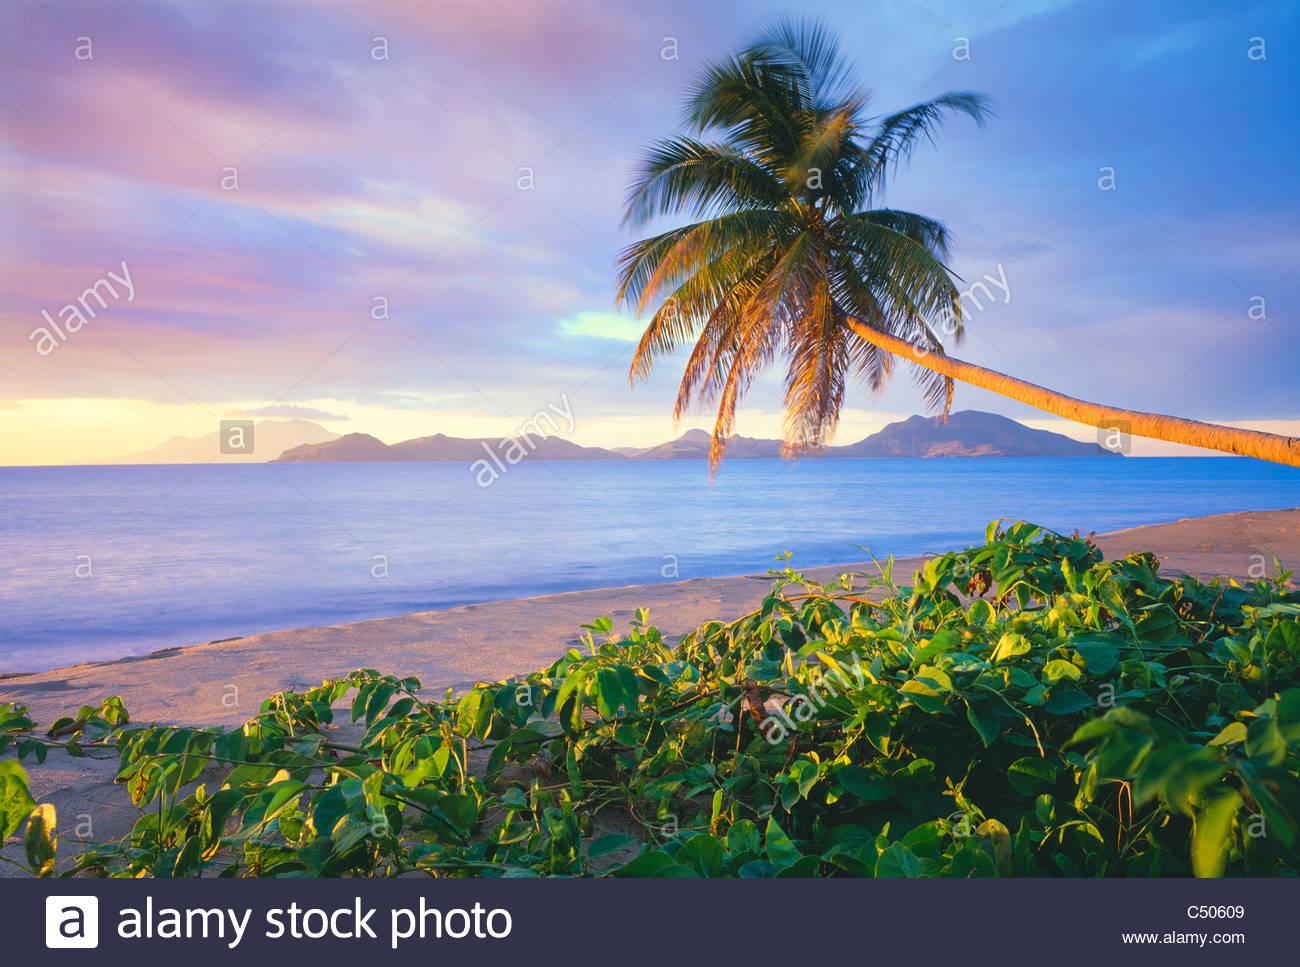 Palm tree su Pinney's Beach, con Isola di Saint Kitts in distanza. Isola di Nevis, Isole Sottovento, Piccole Immagini Stock